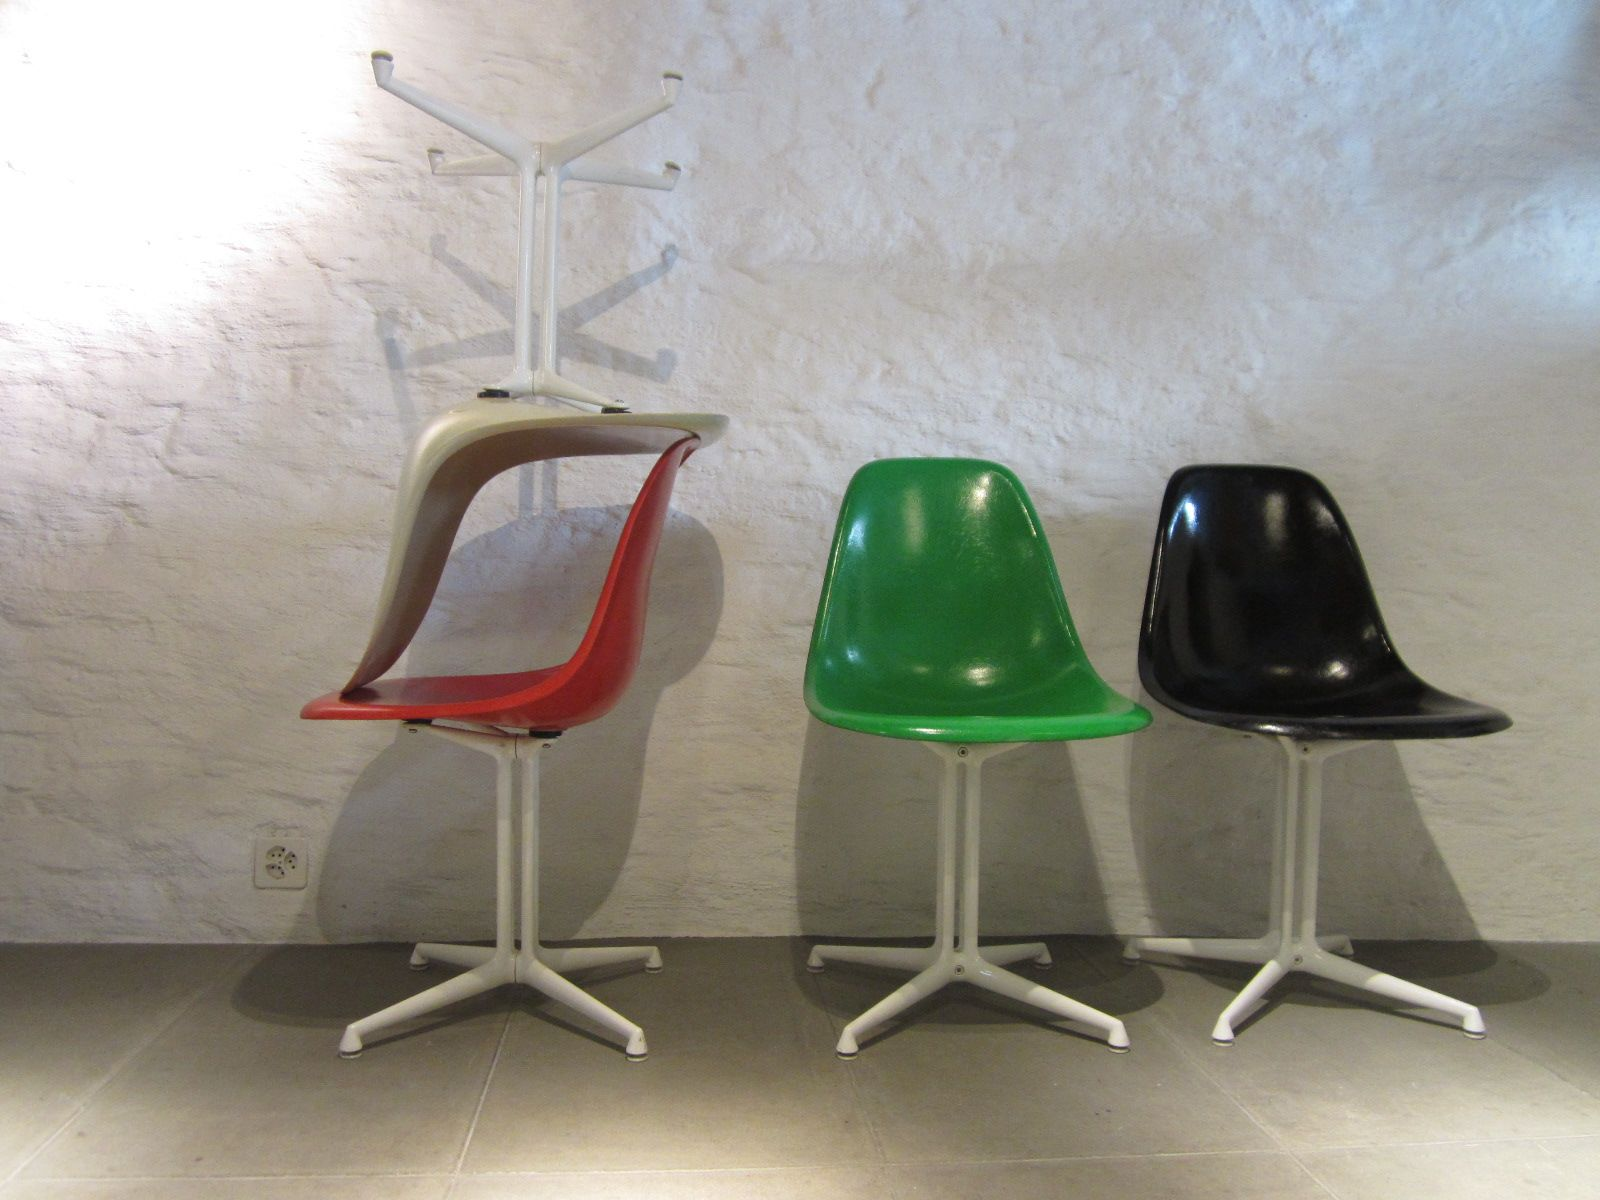 chaises d 39 appoint multicolore en fibres de verre par charles ray eames pour herman miller. Black Bedroom Furniture Sets. Home Design Ideas